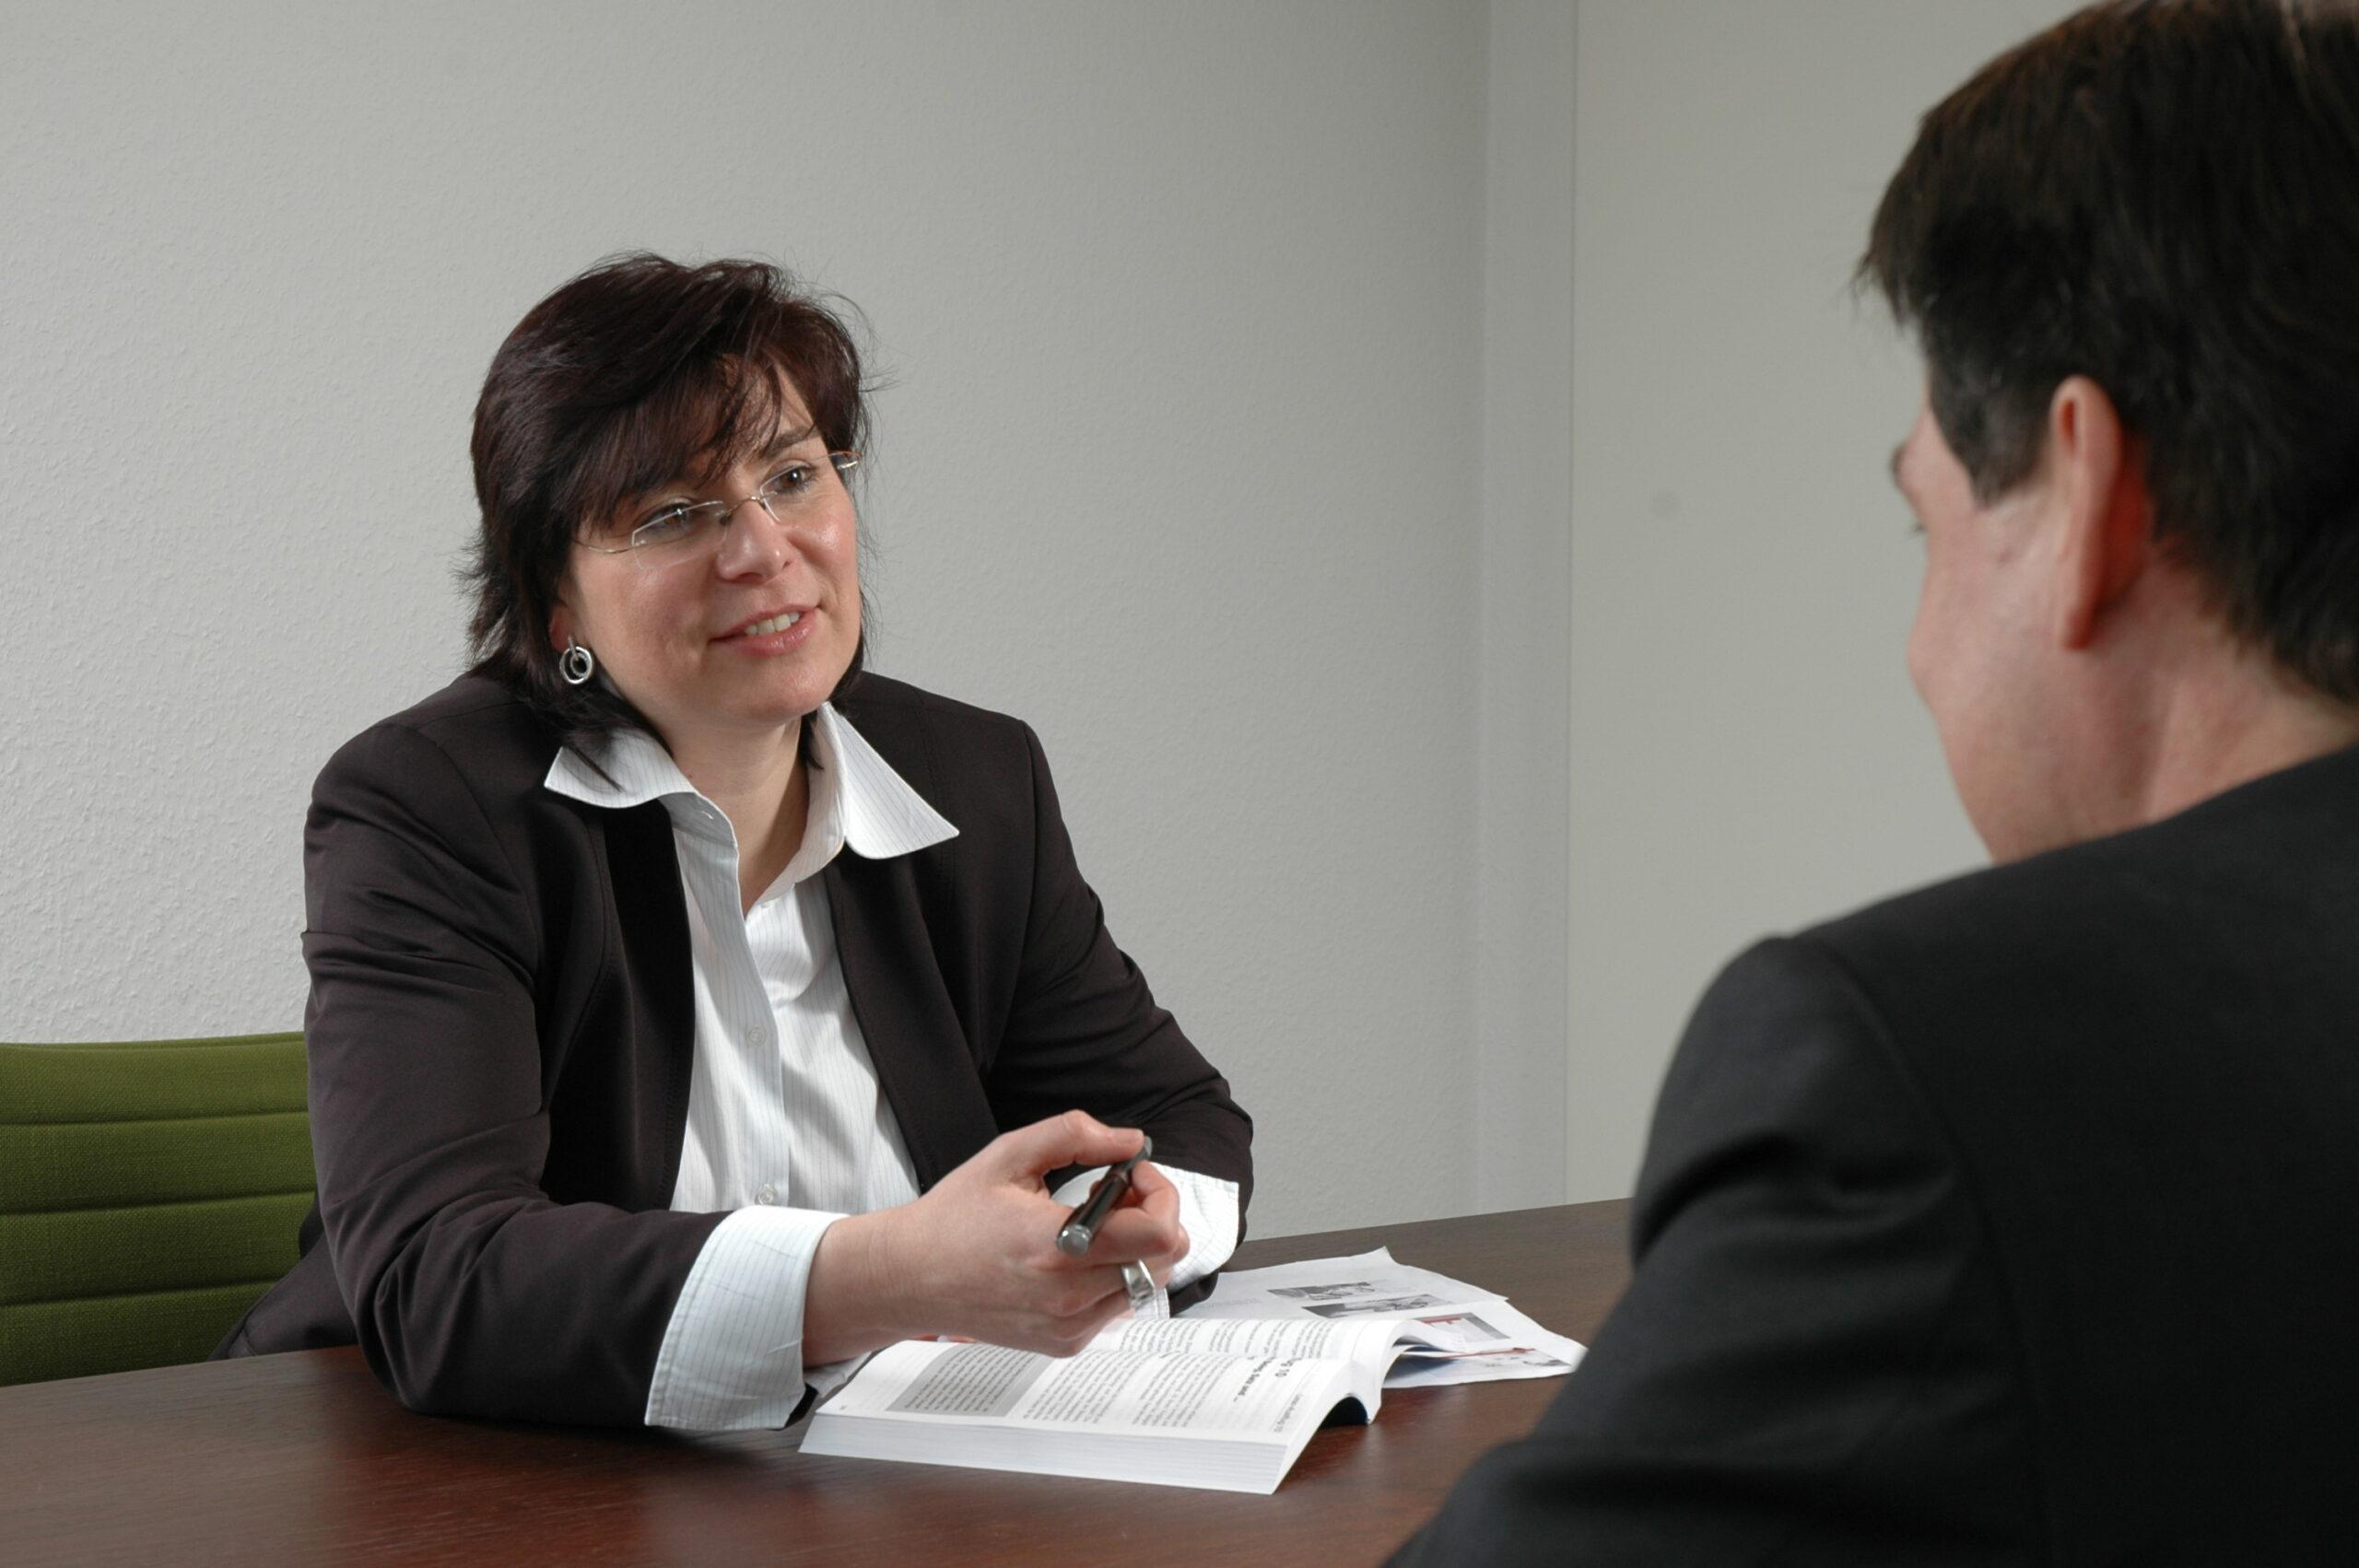 Frau Bangert berät einen Kunden im Einzelgespräch